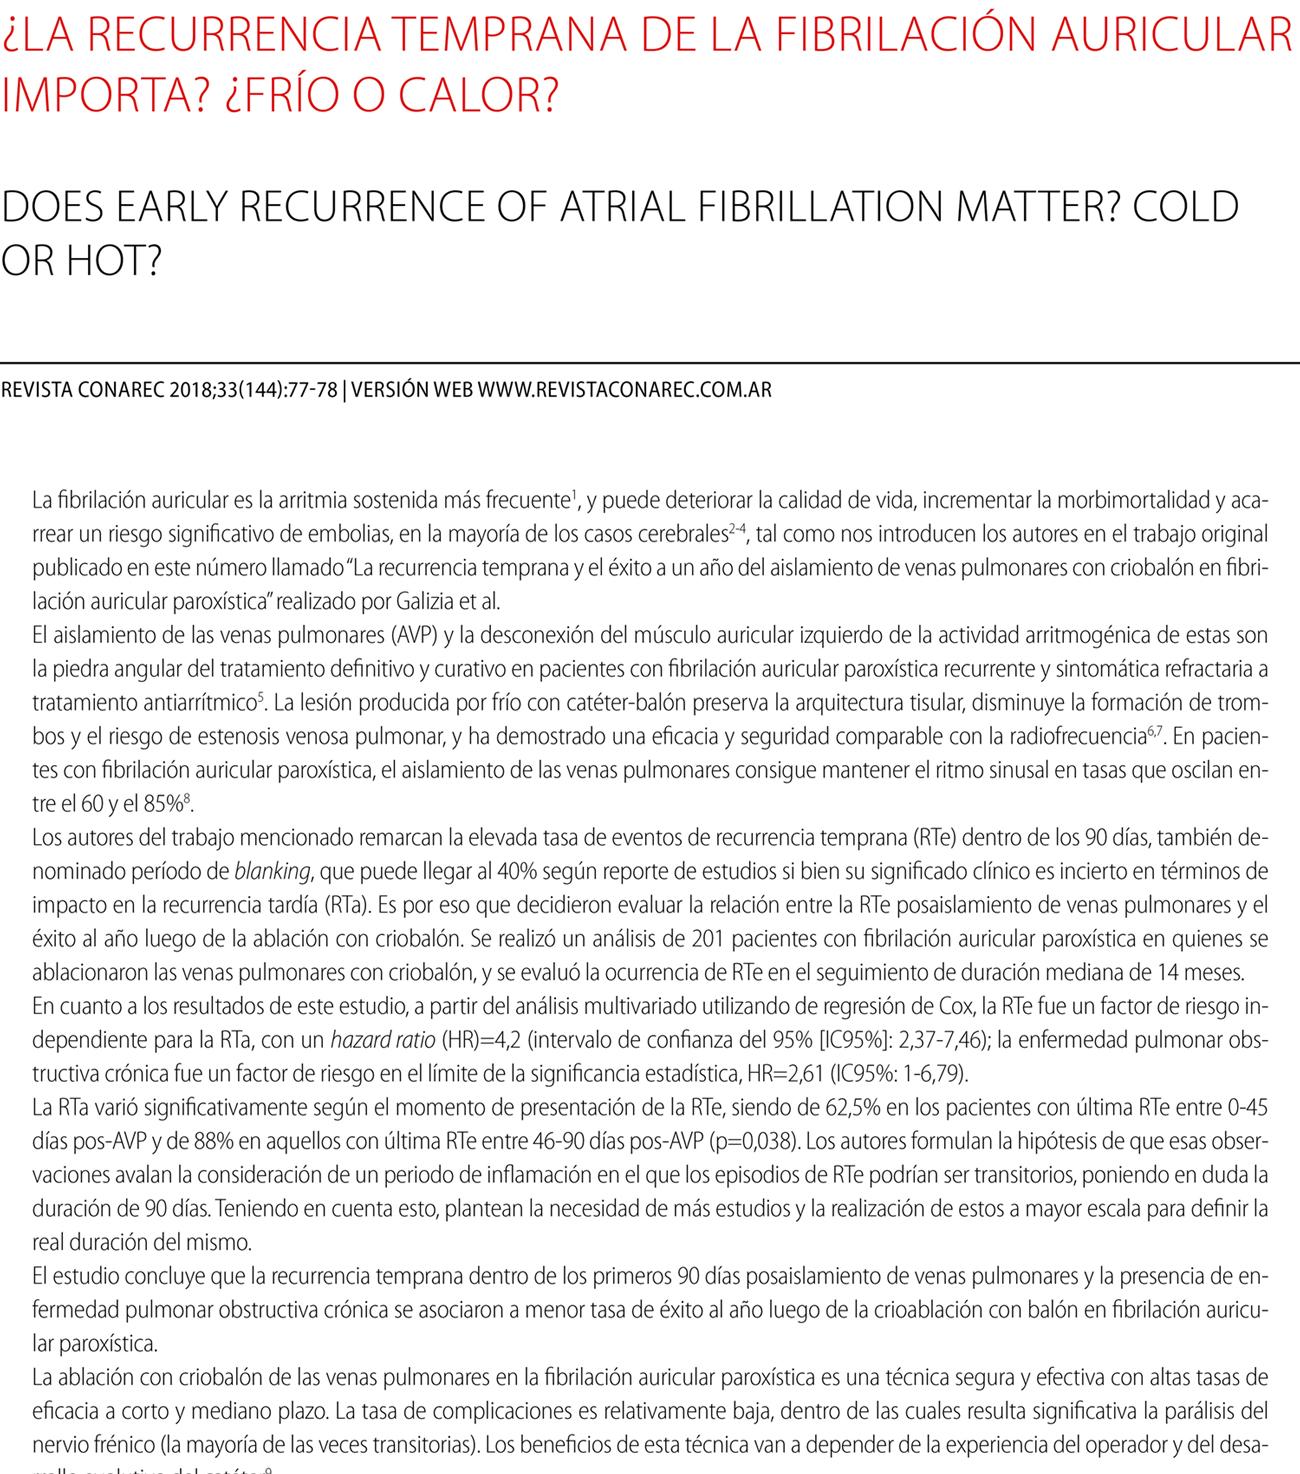 ¿La recurrencia temprana de la fibrilación auricular importa? ¿Frío o calor?